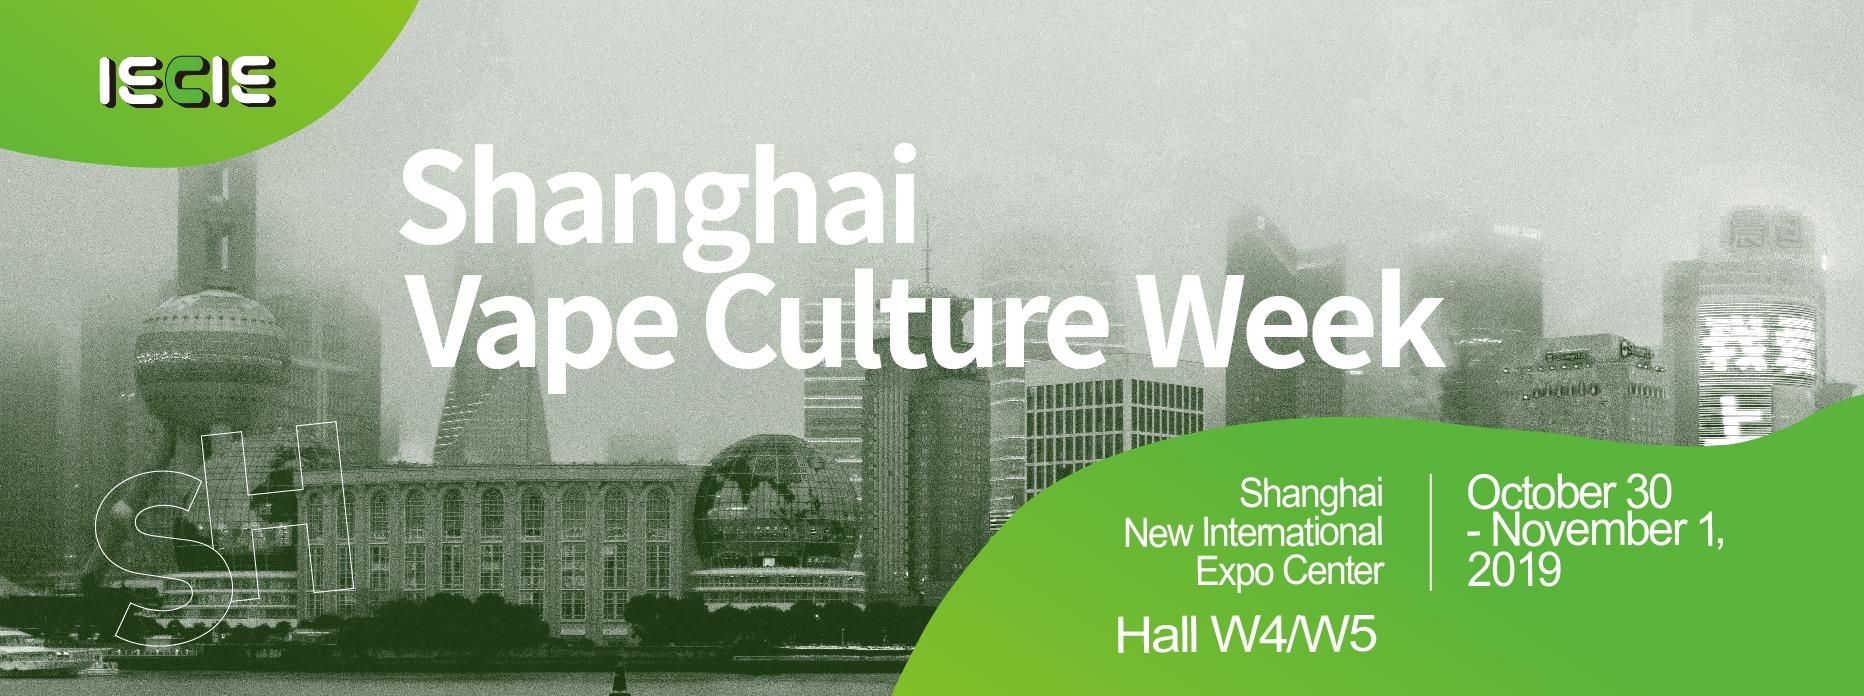 shanghai vape culture